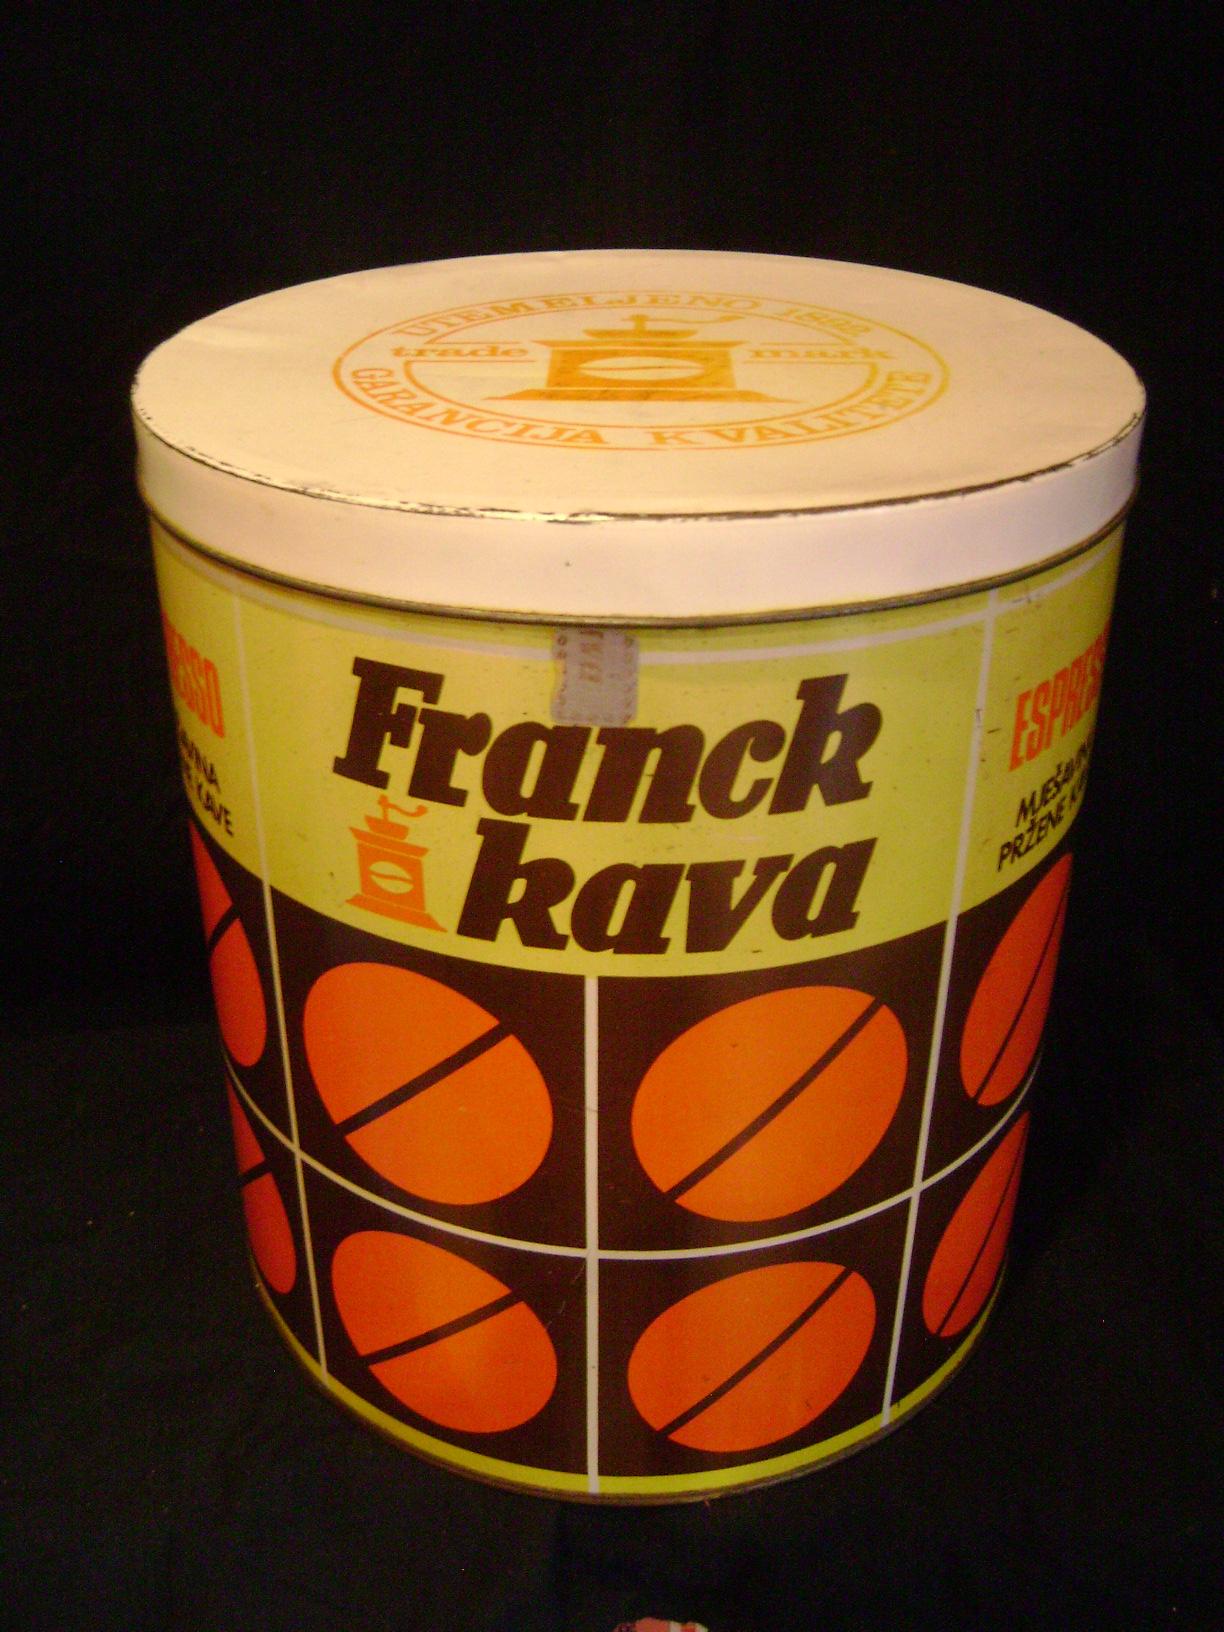 Limena_kutija_Espresso_Franck_kava_1.JPG